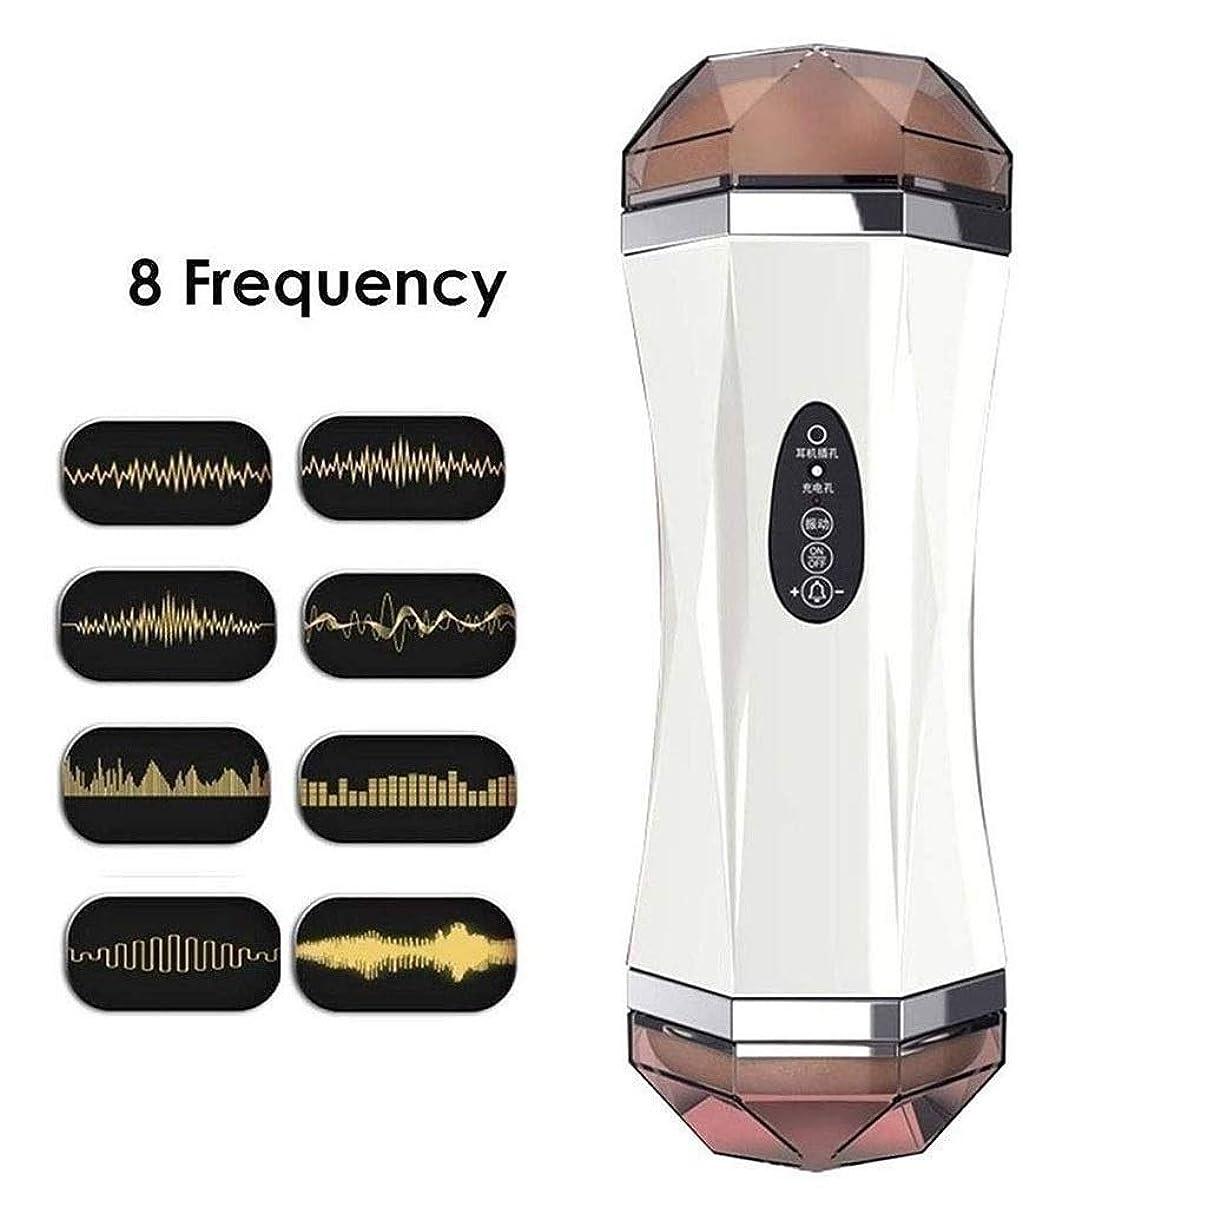 分散ゴミ場所男性USB充電式インテリジェントハンズフリーオートオーラルカップ誘発ディープスロート自動吸いマッサージャーTシャツを吸います